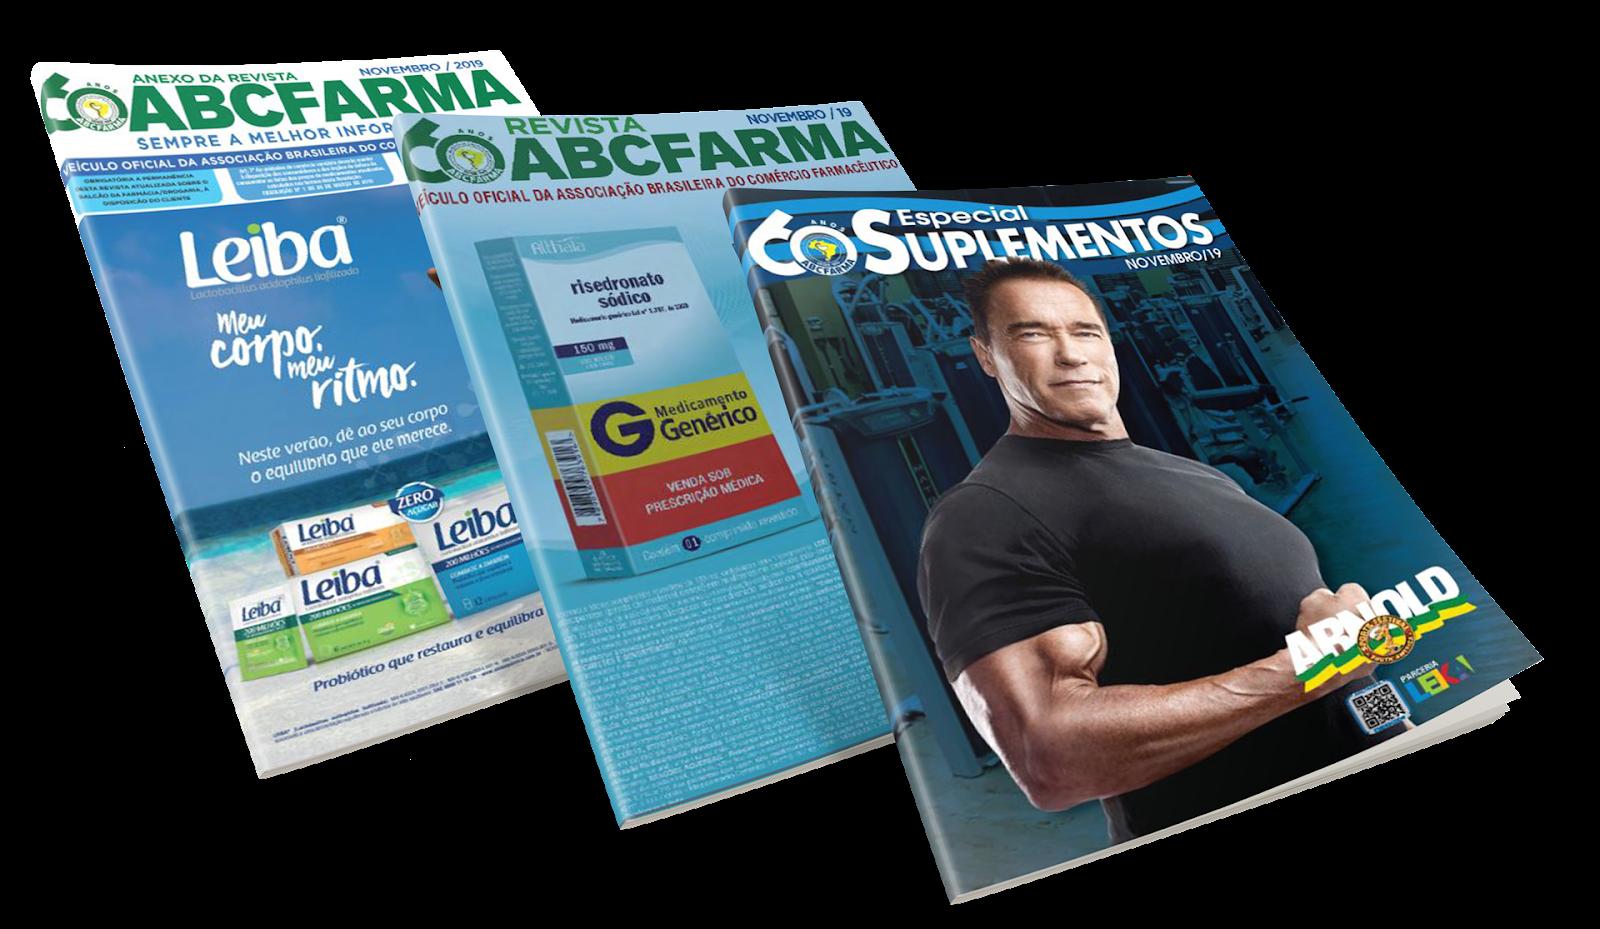 A imagem mostra 3 revistas da ABC Farma: os 2 volumes de novembro de 2019 e uma edição especial sobre suplementos.